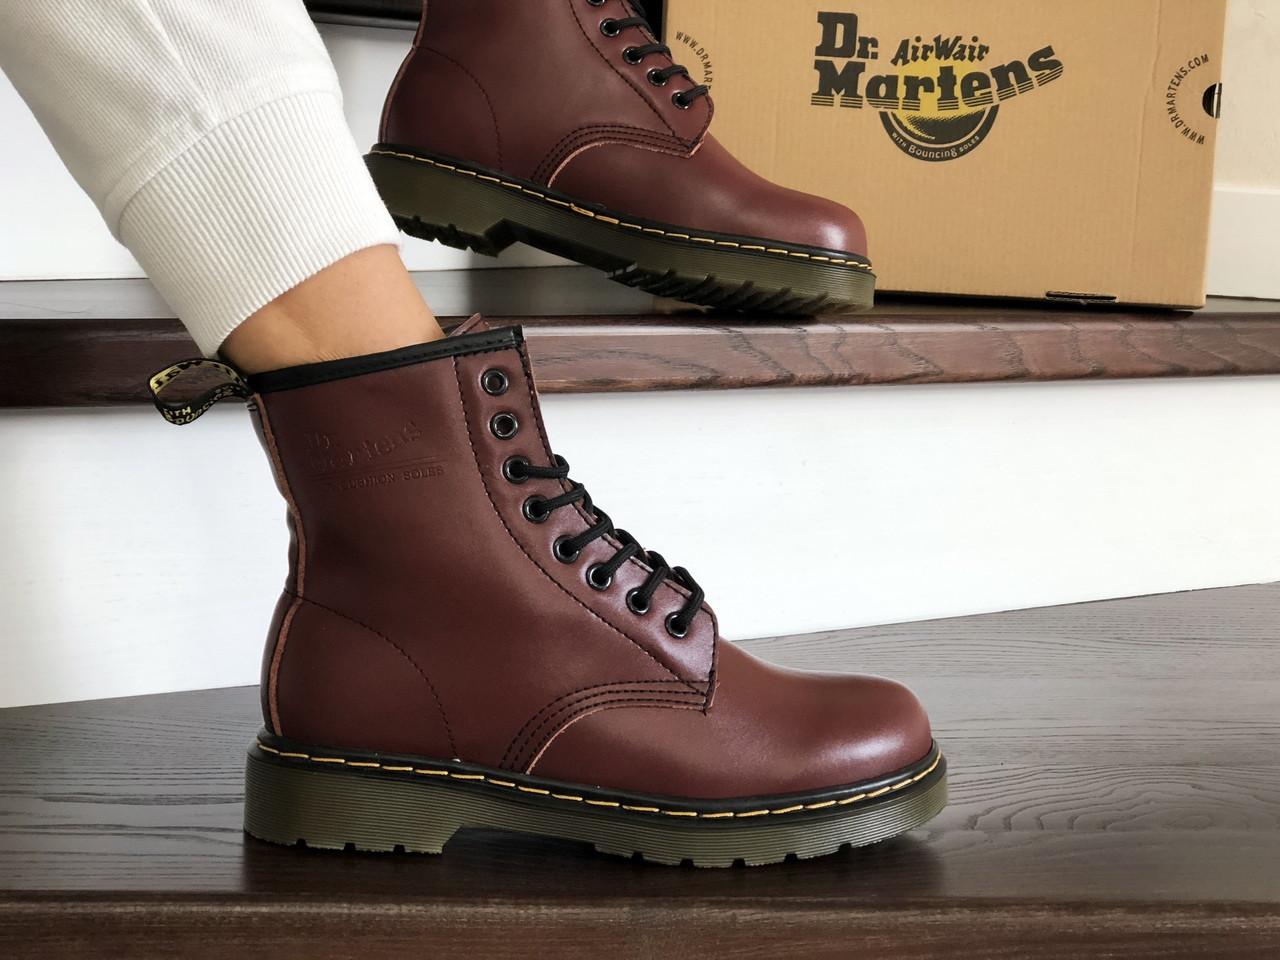 Женские зимние ботинки Dr. Martens,кожаные,марсала (темно бордовые)